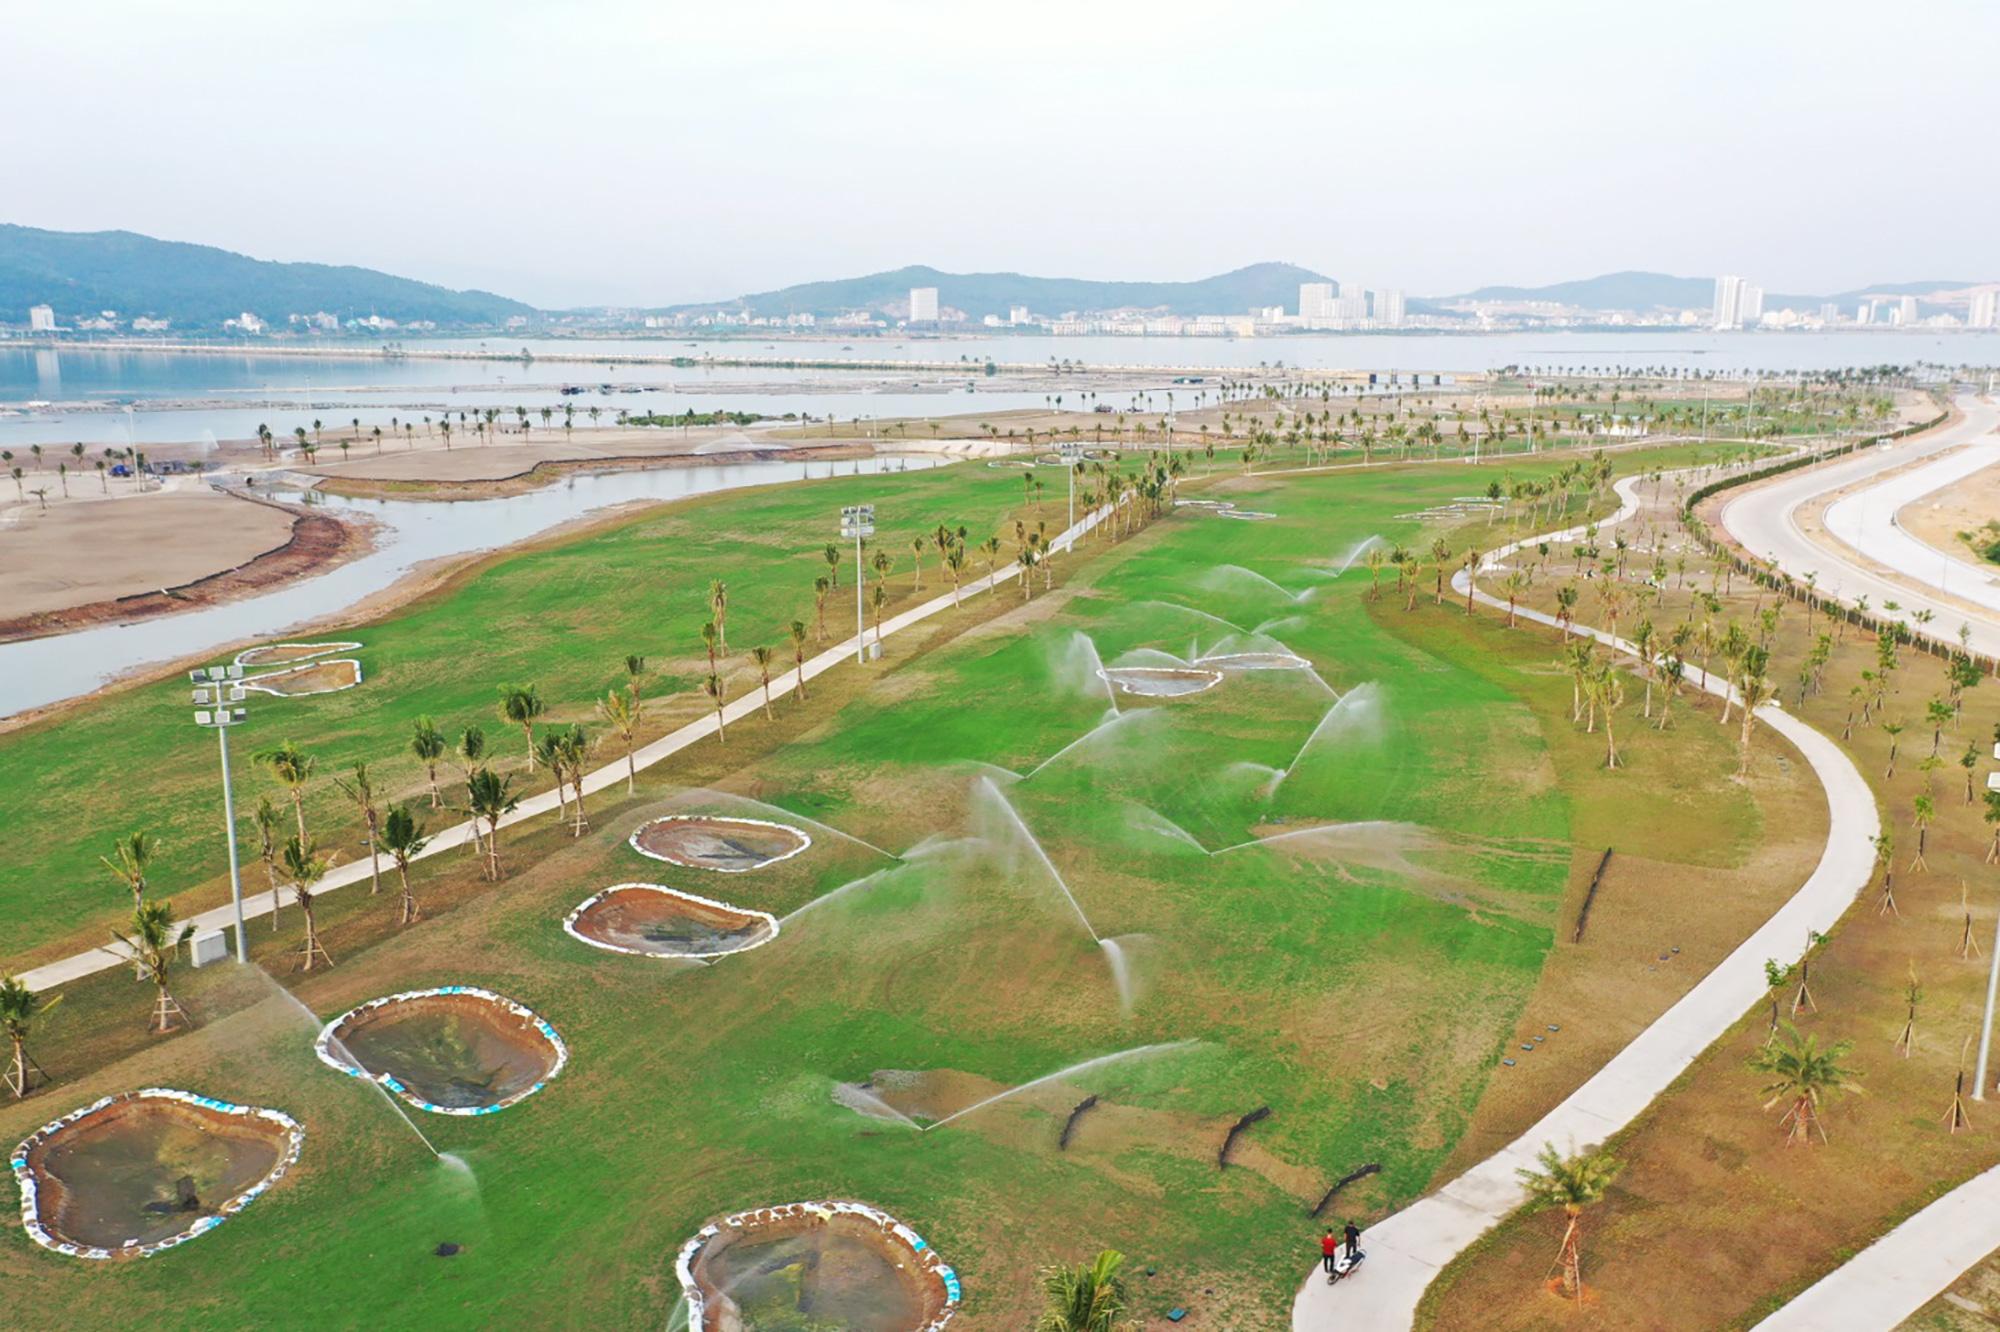 Dự án sân golf lớn nhất Quảng Ninh dự kiến khai thác trong tháng 6/2021 - Ảnh 3.